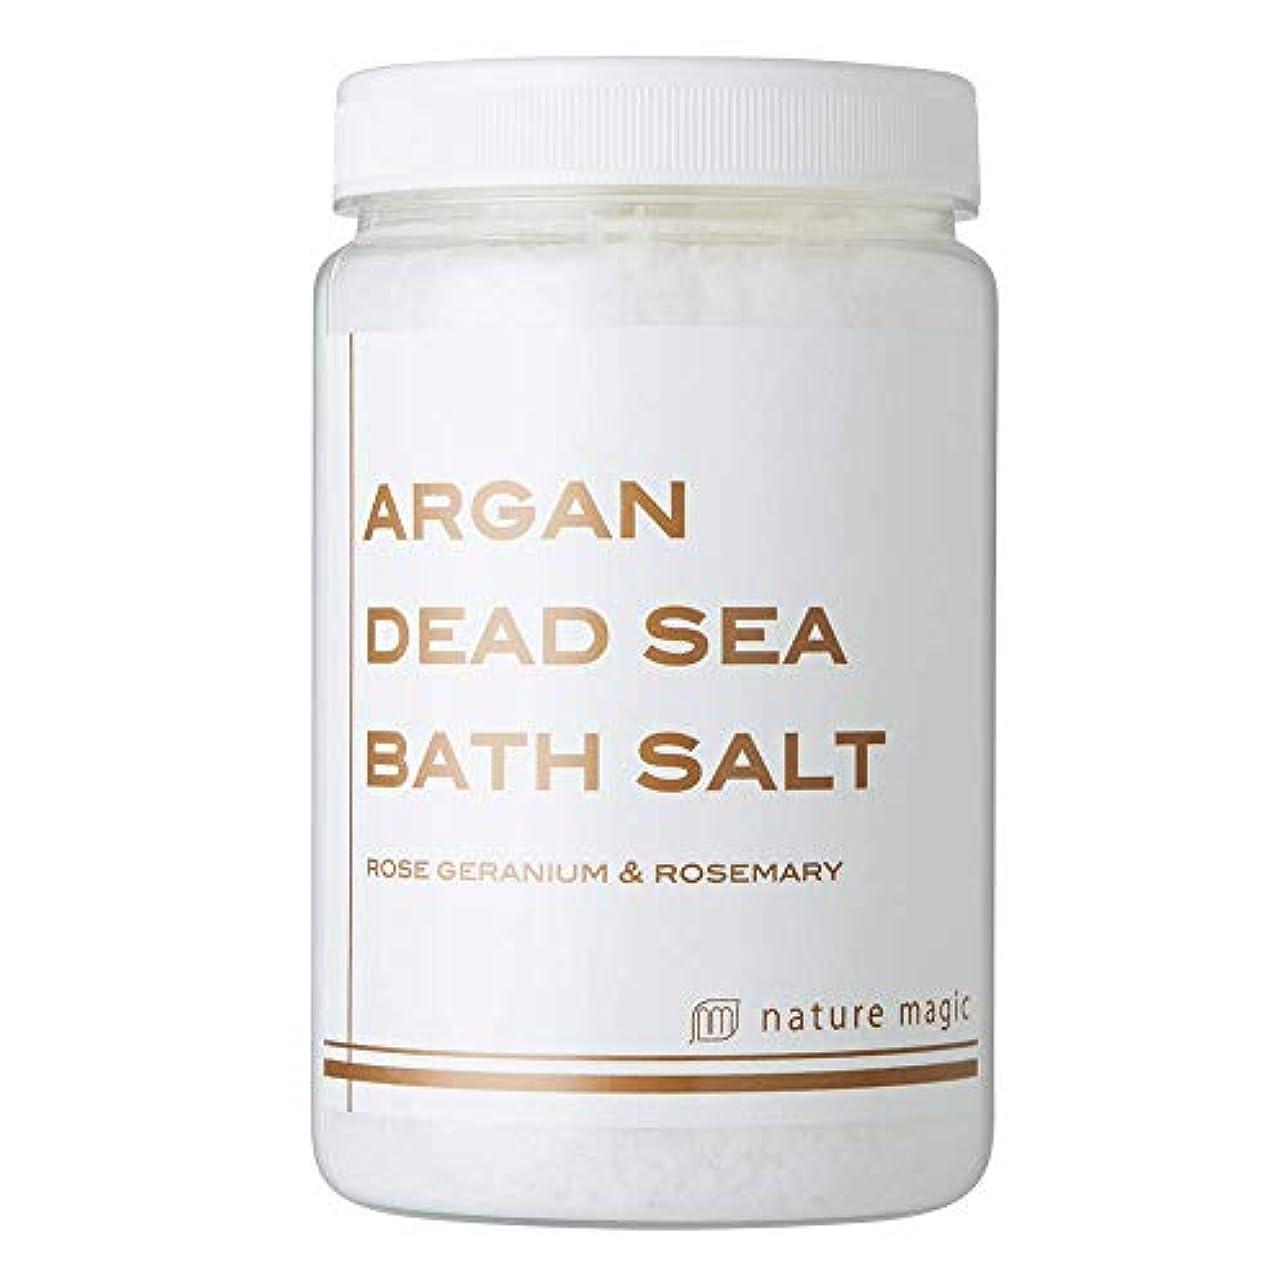 カニタオル生物学【死海の天然塩にアルガンオイルを配合した全身ポカポカ、お肌つるつる入浴剤】アルガンデッドシーバスソルト